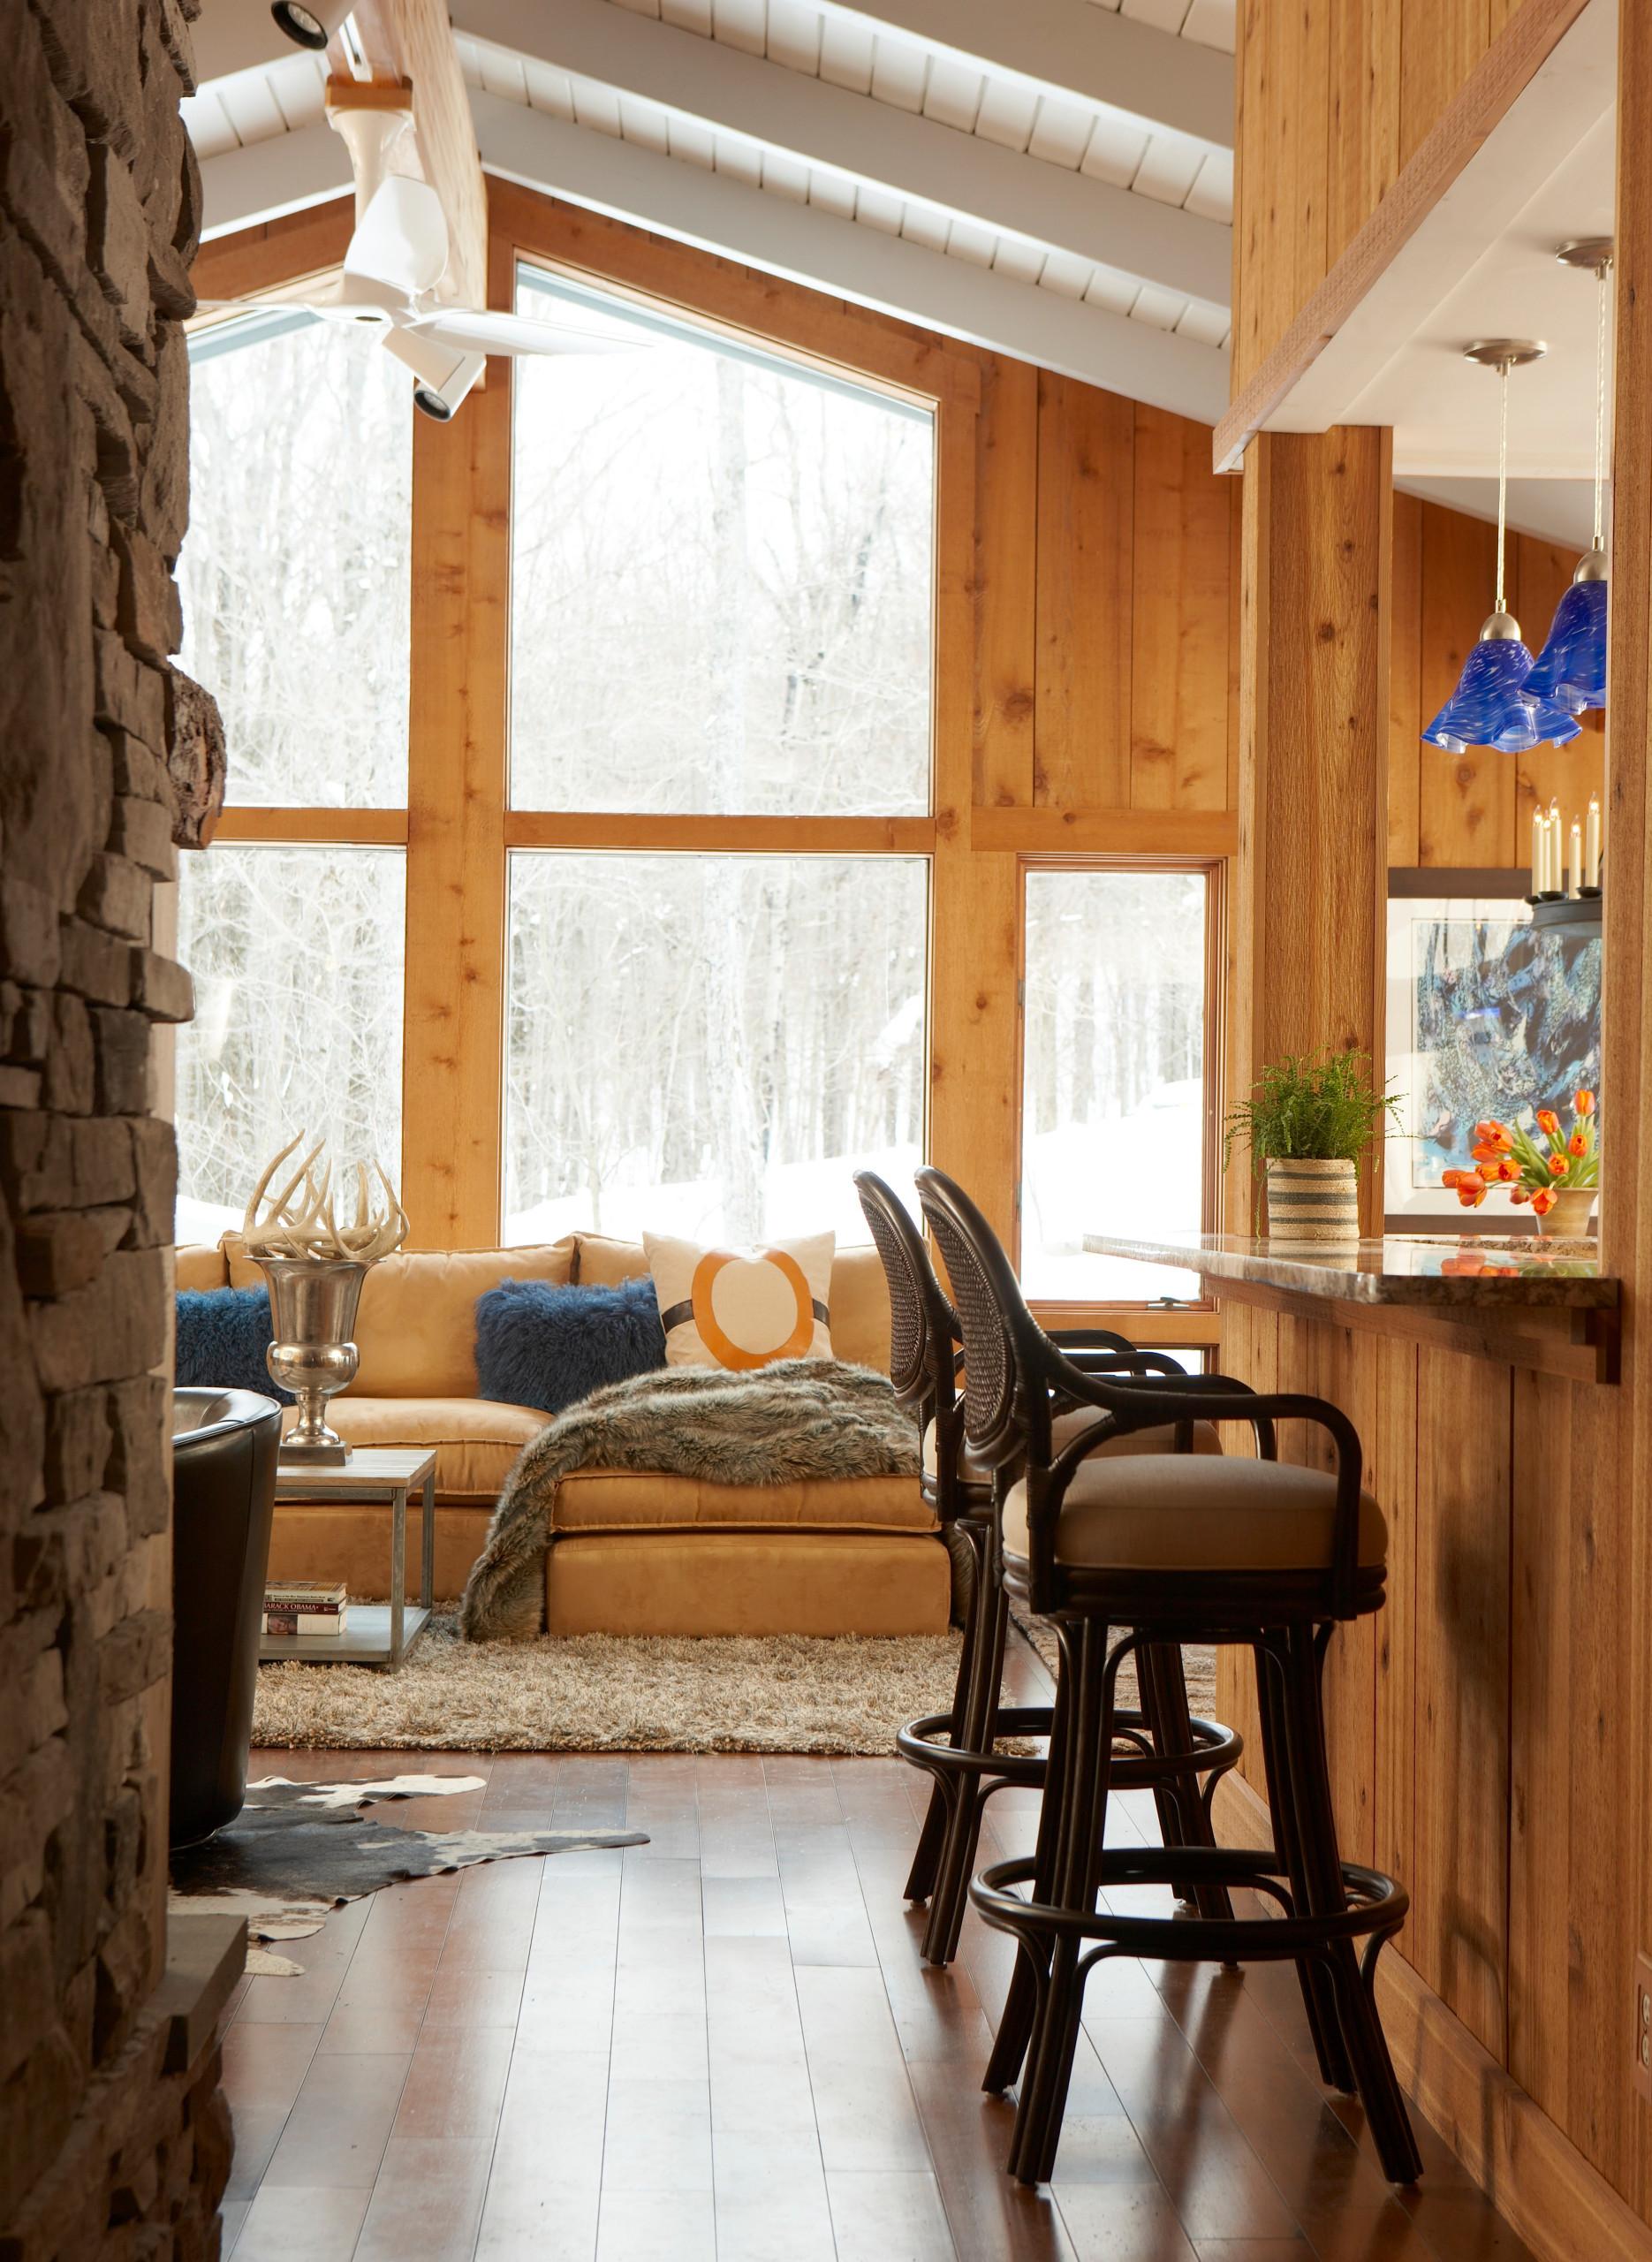 Vermont Cabin Escape